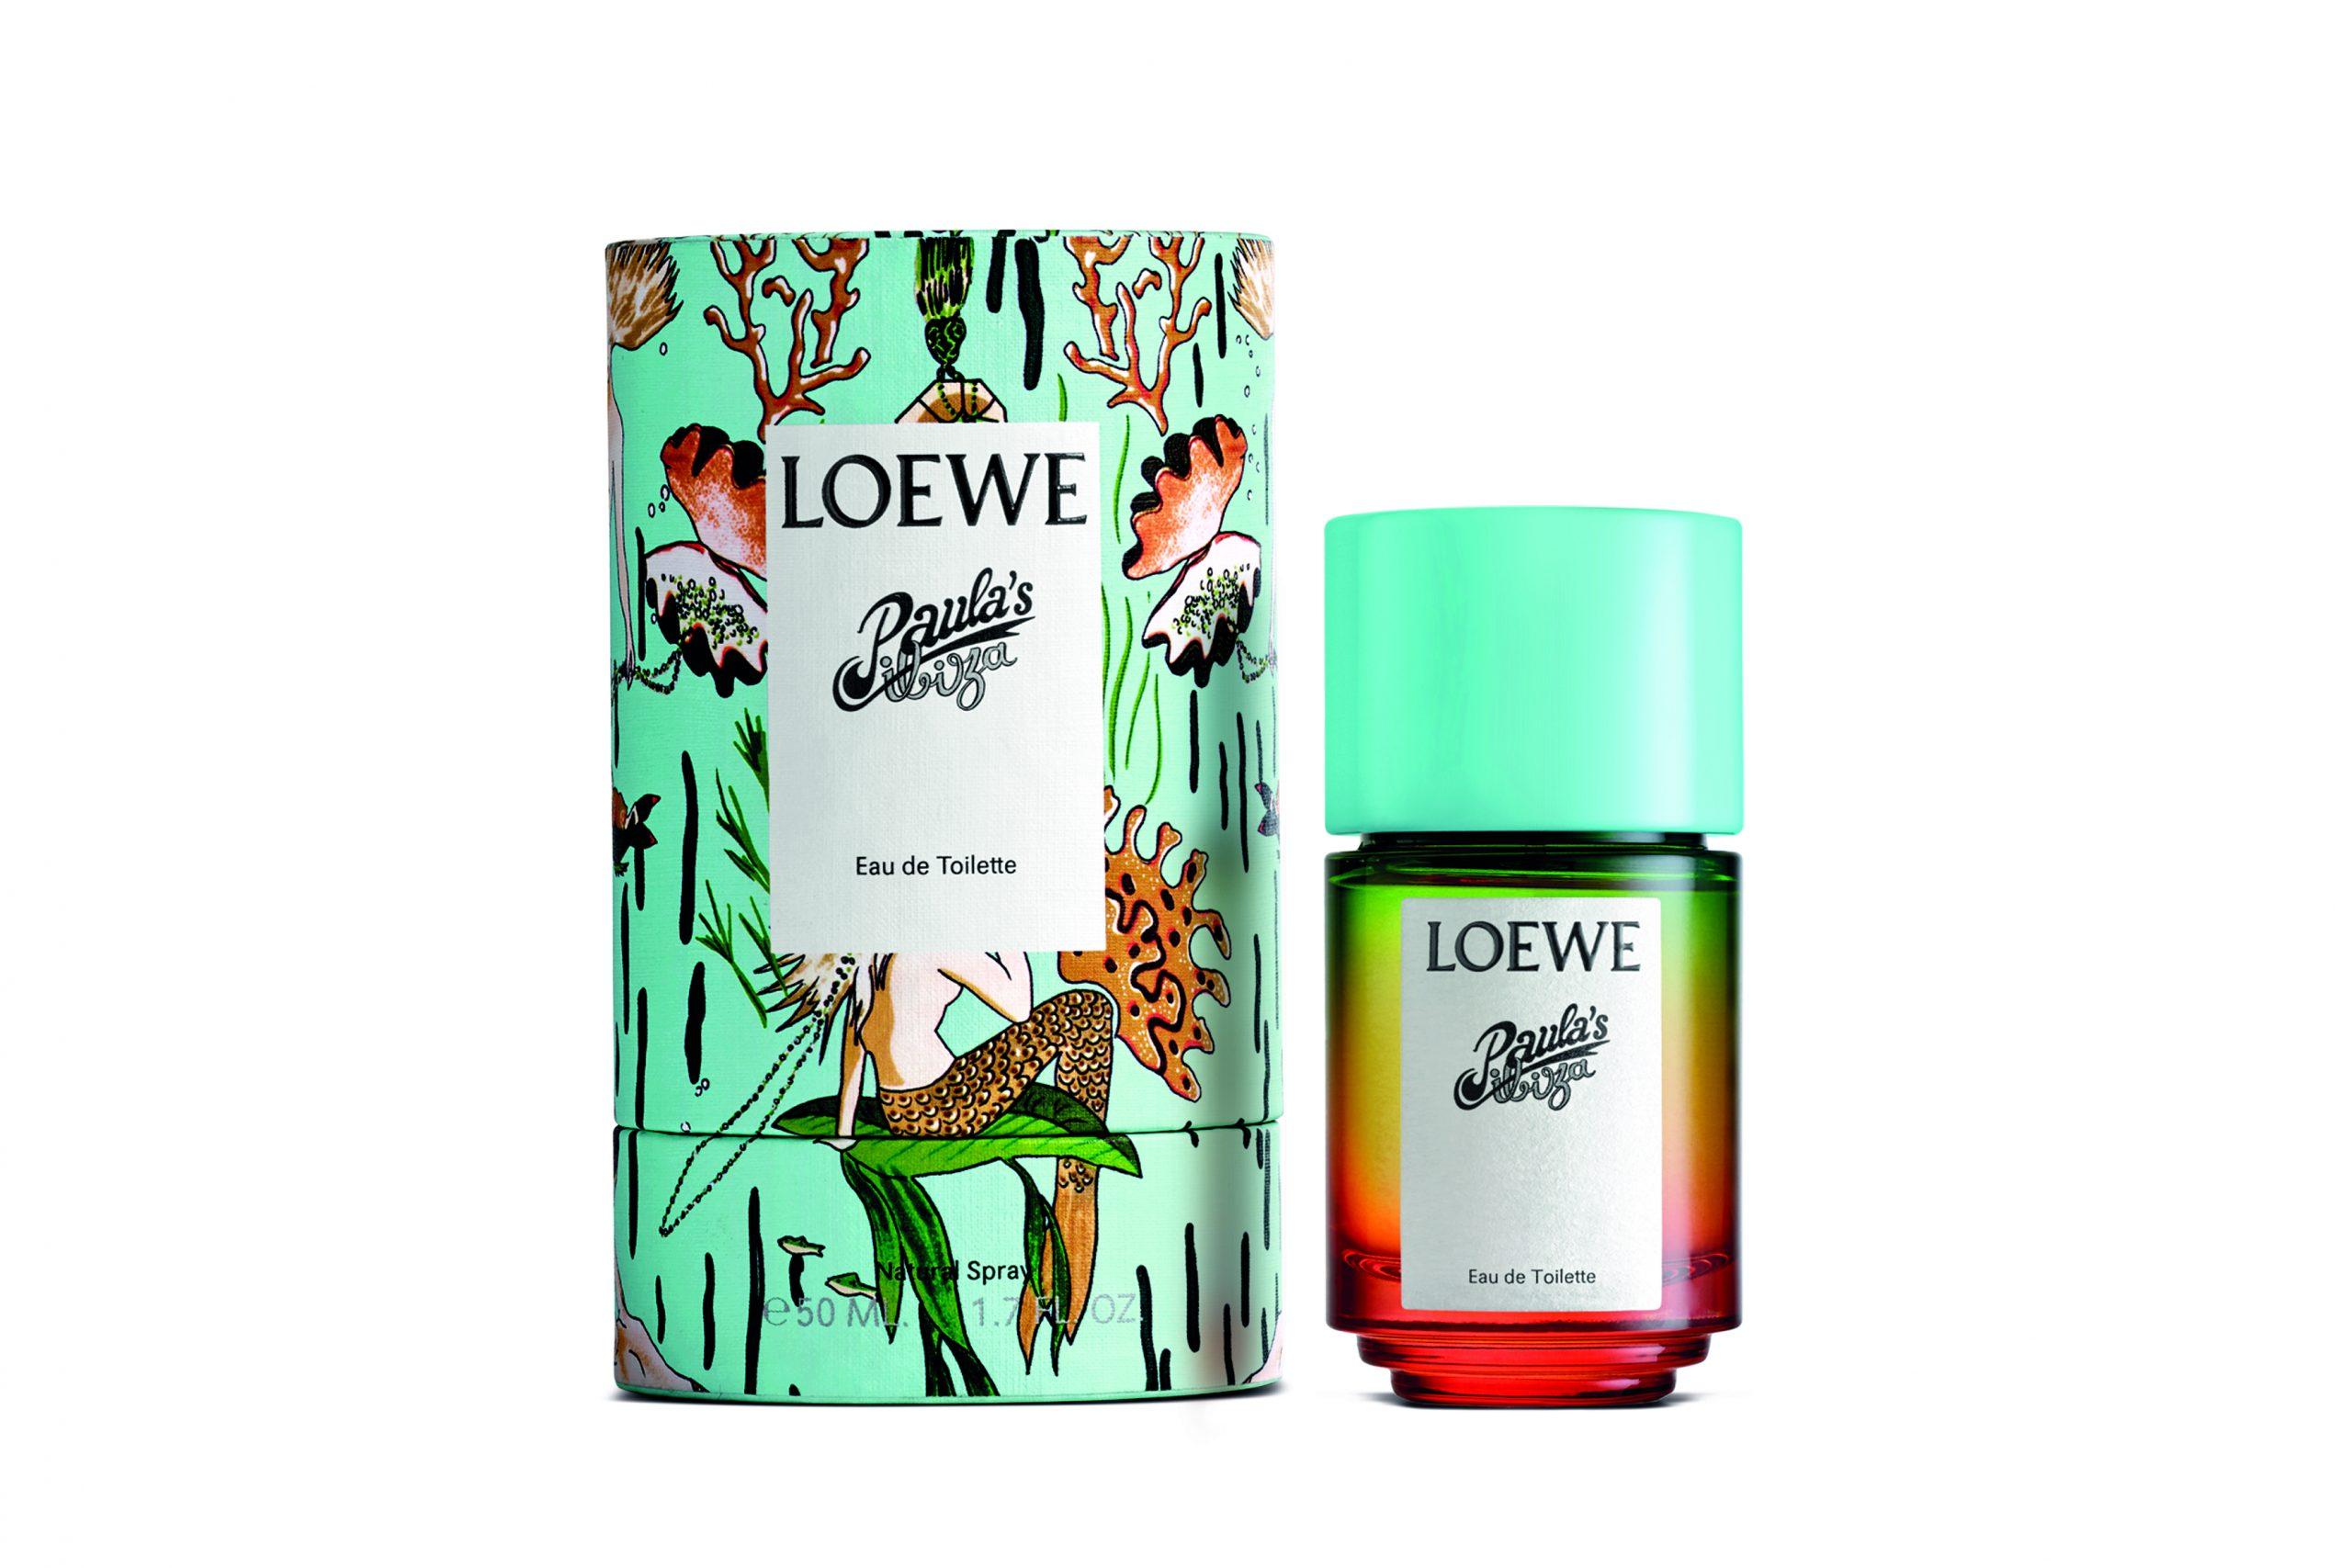 Eau de Toilette Loewe Paula's Ibiza